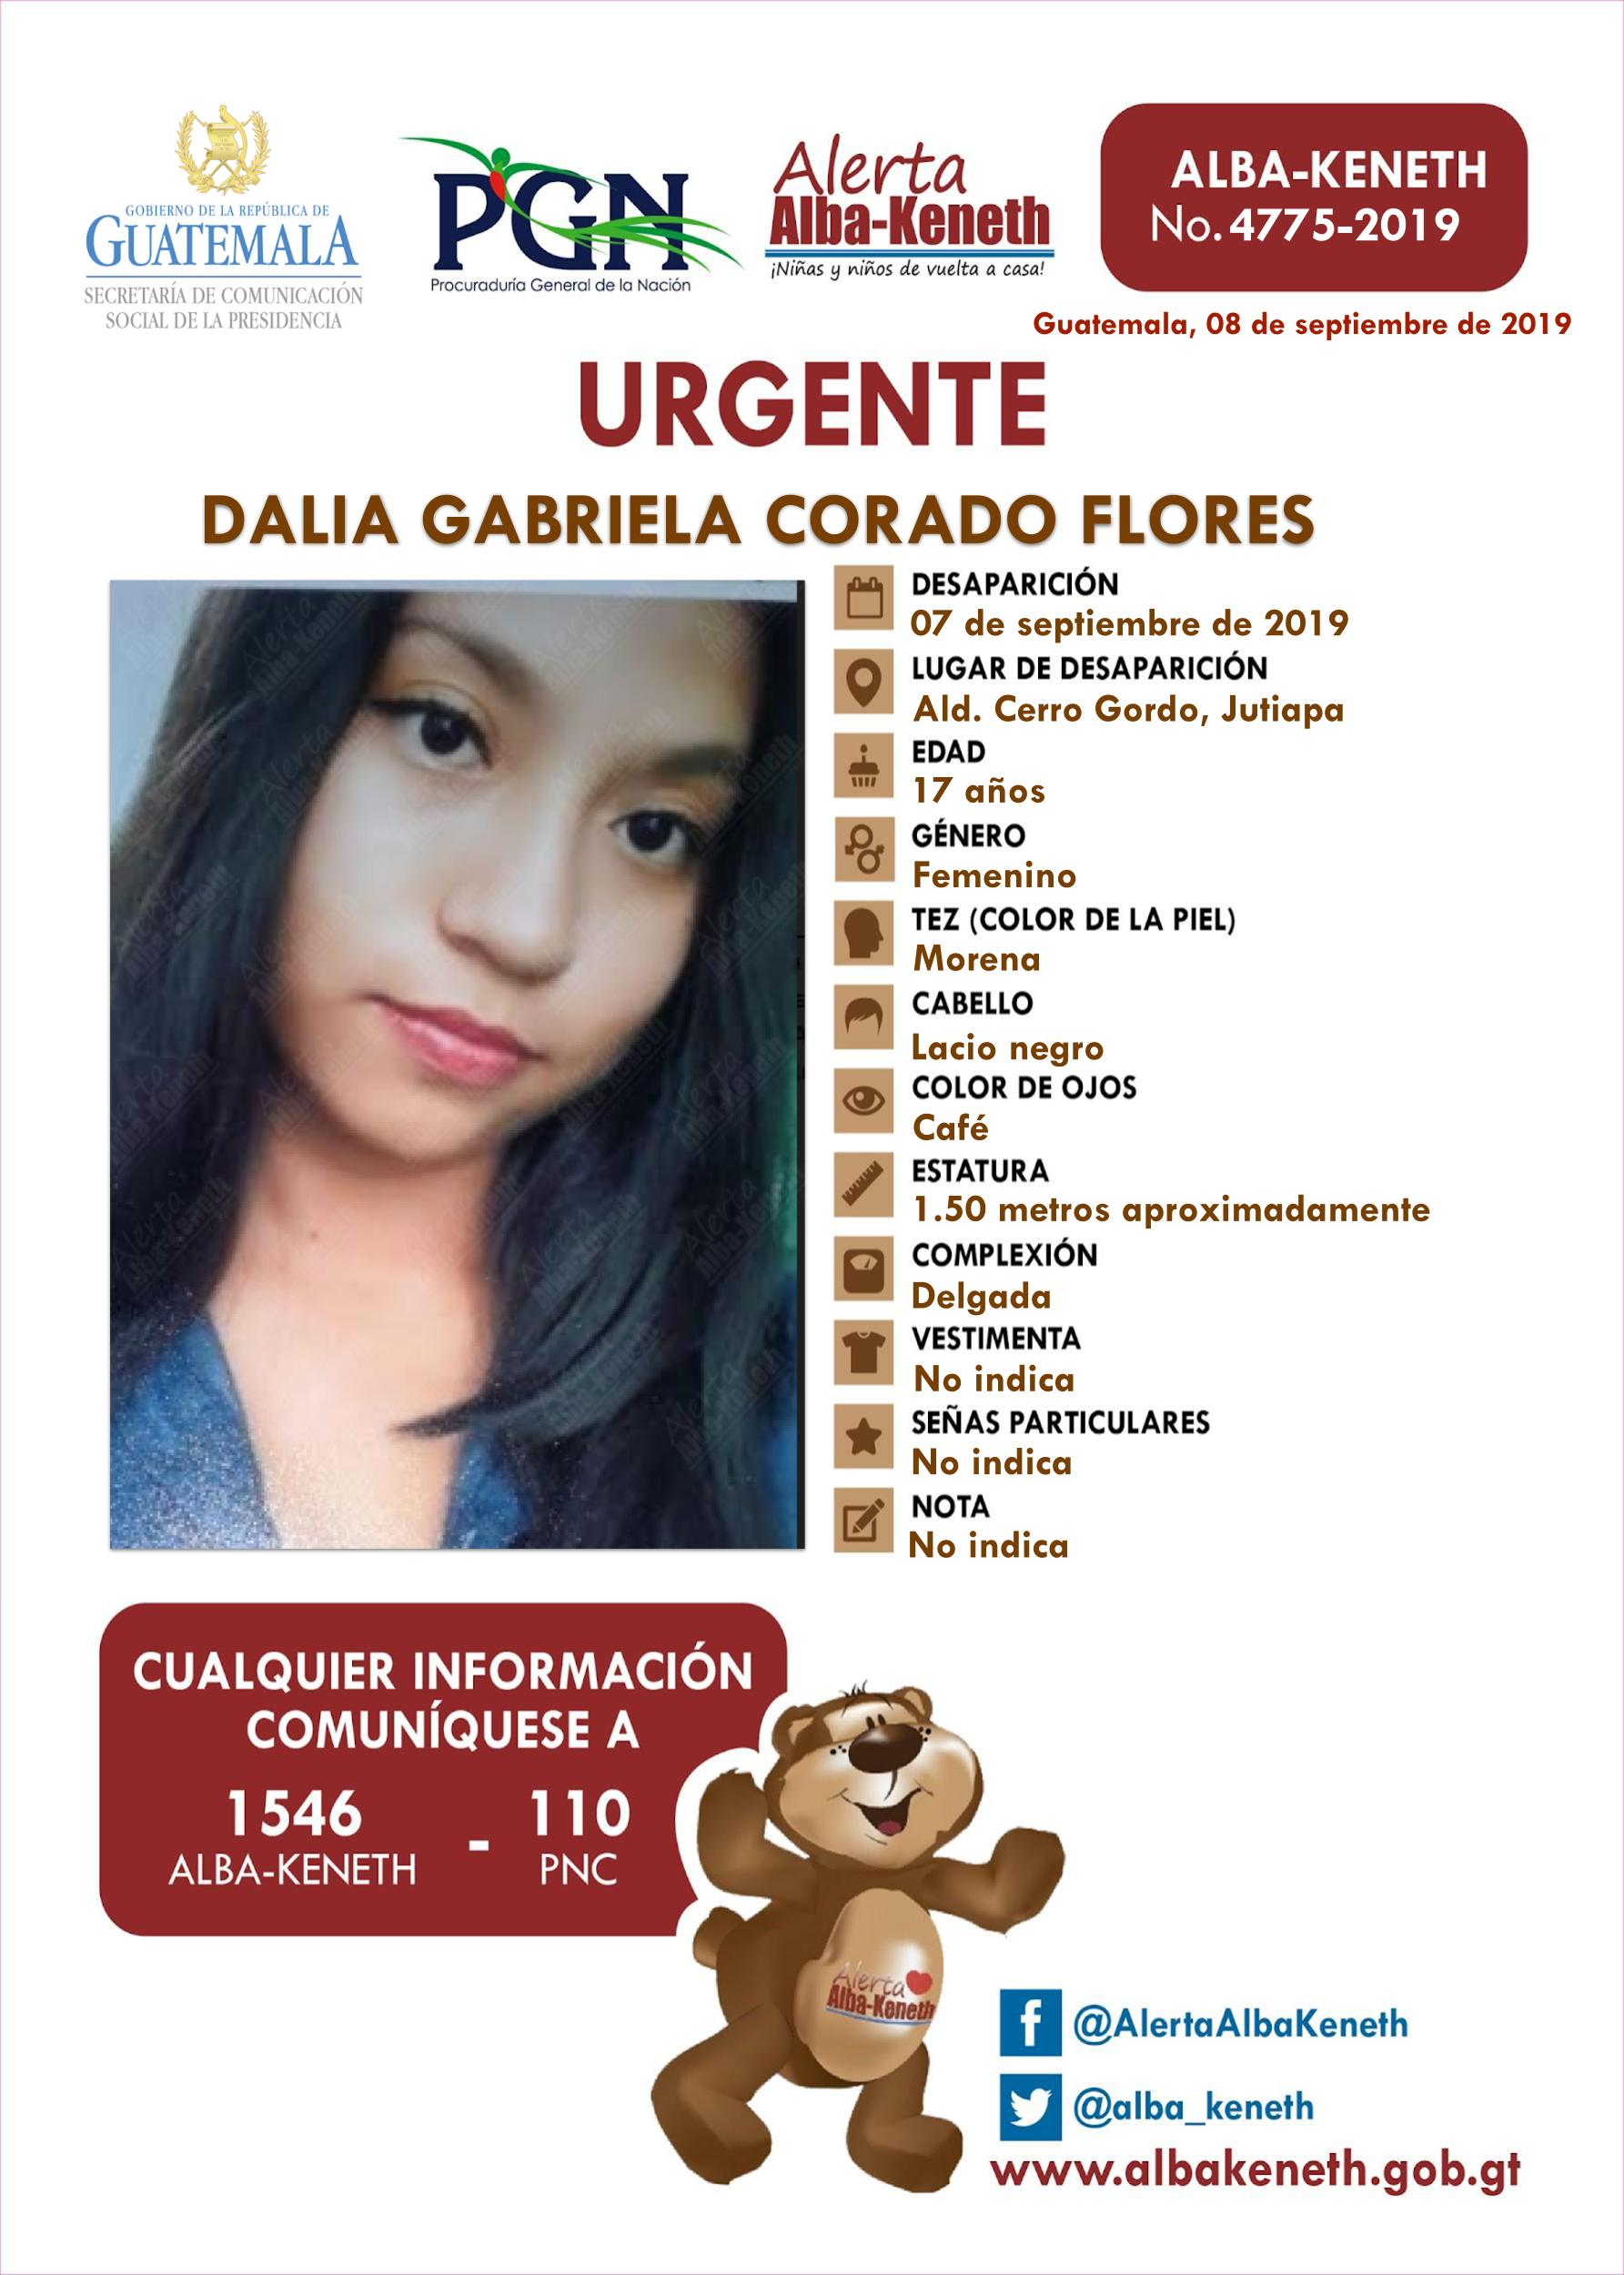 Dalia Gabriela Corado Flores